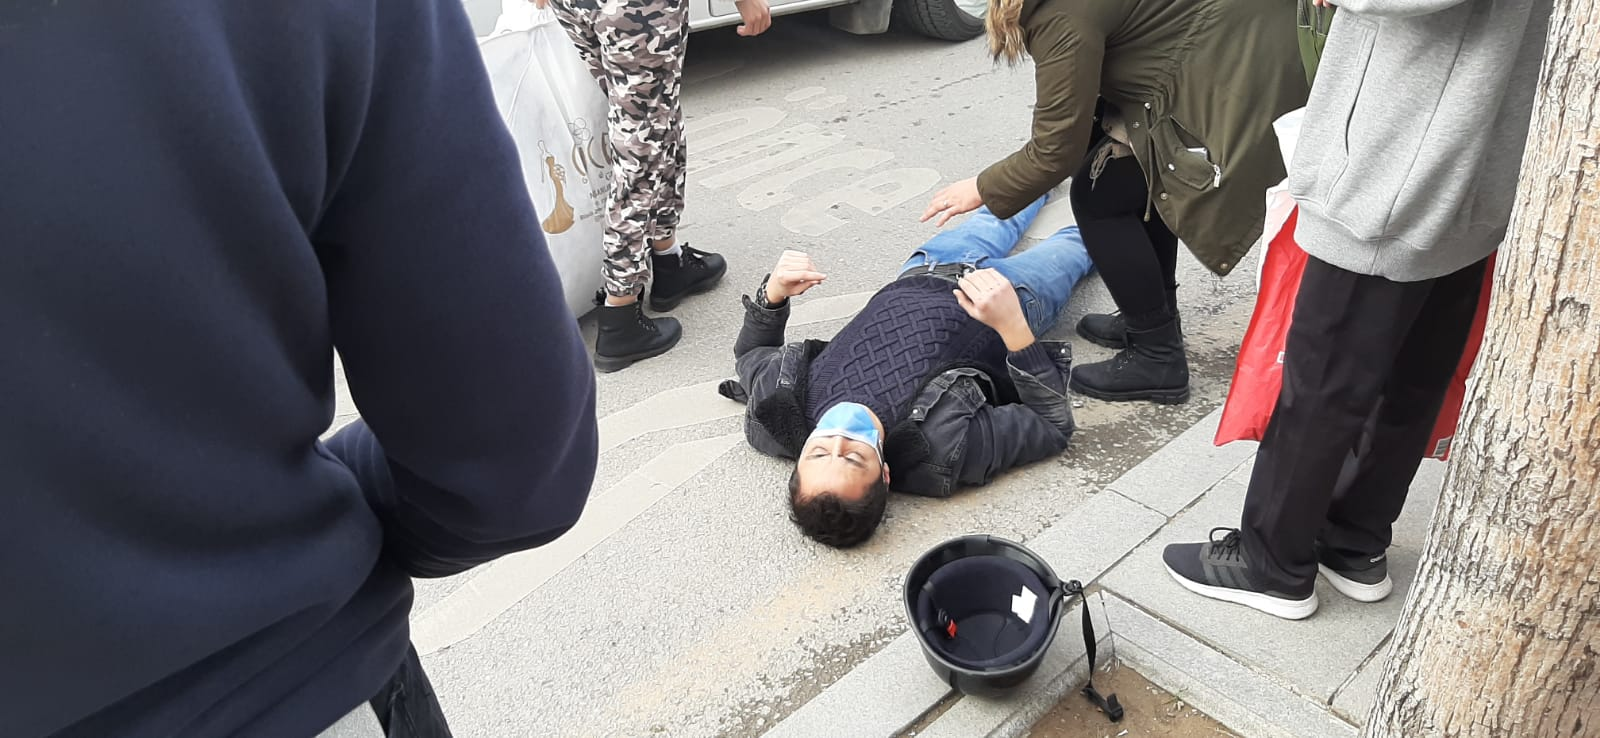 Çorum'da Motosiklet Kazası: 2 Yaralı